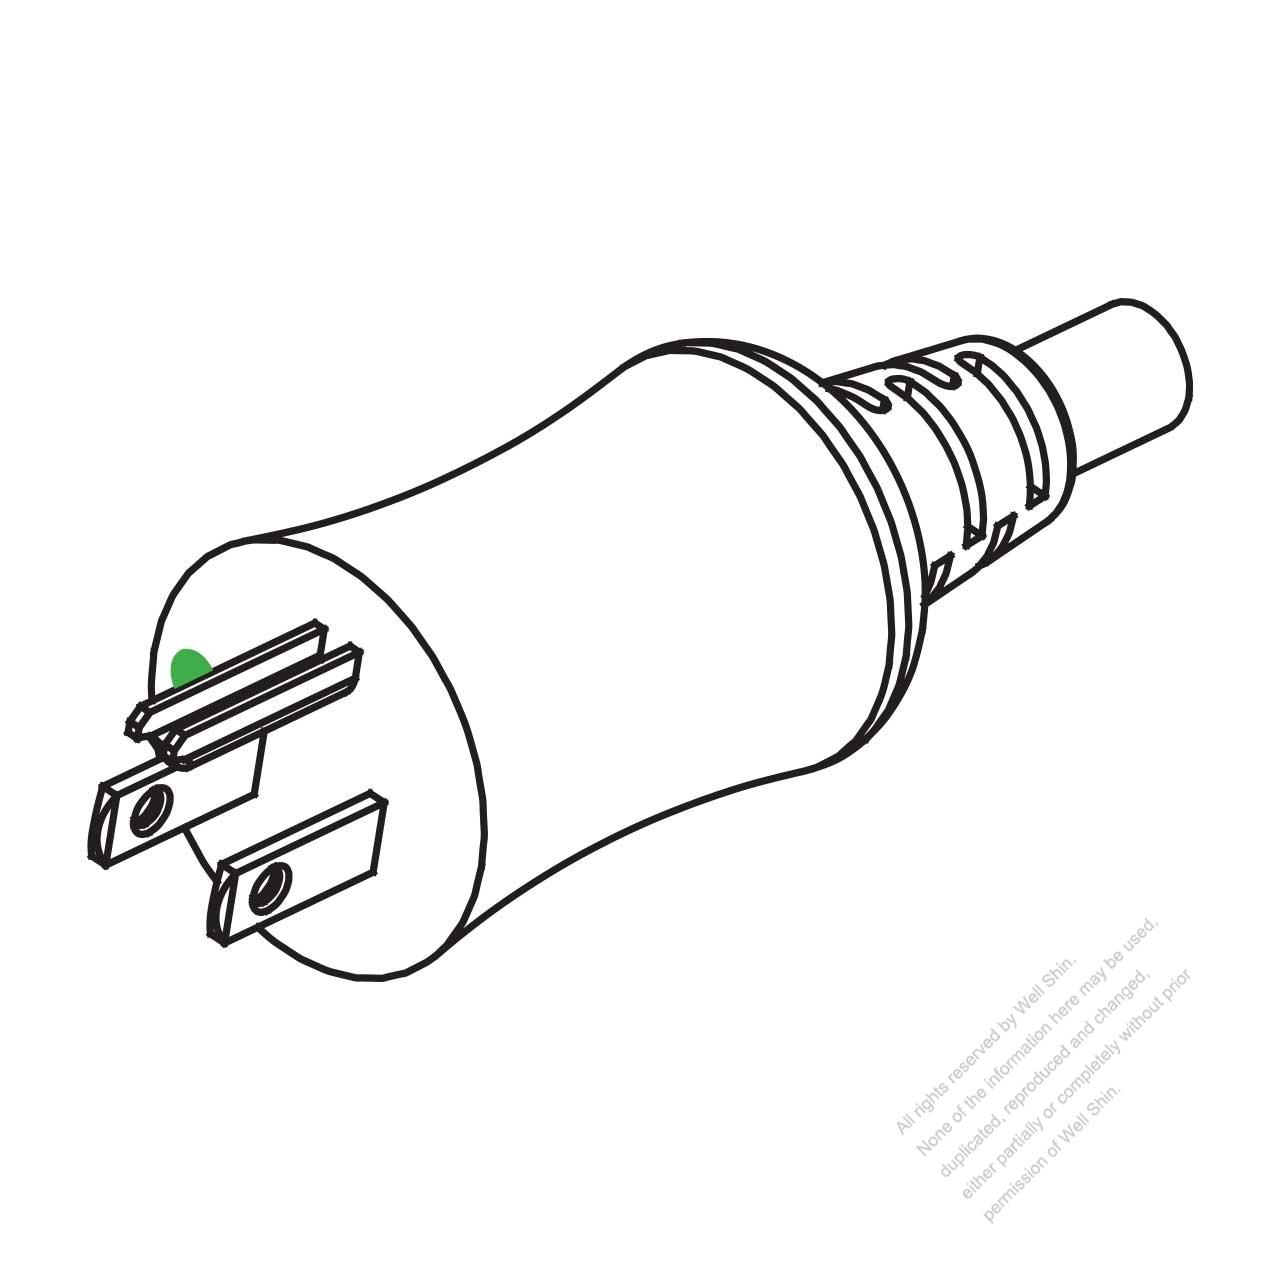 ac wiring plug   14 wiring diagram images